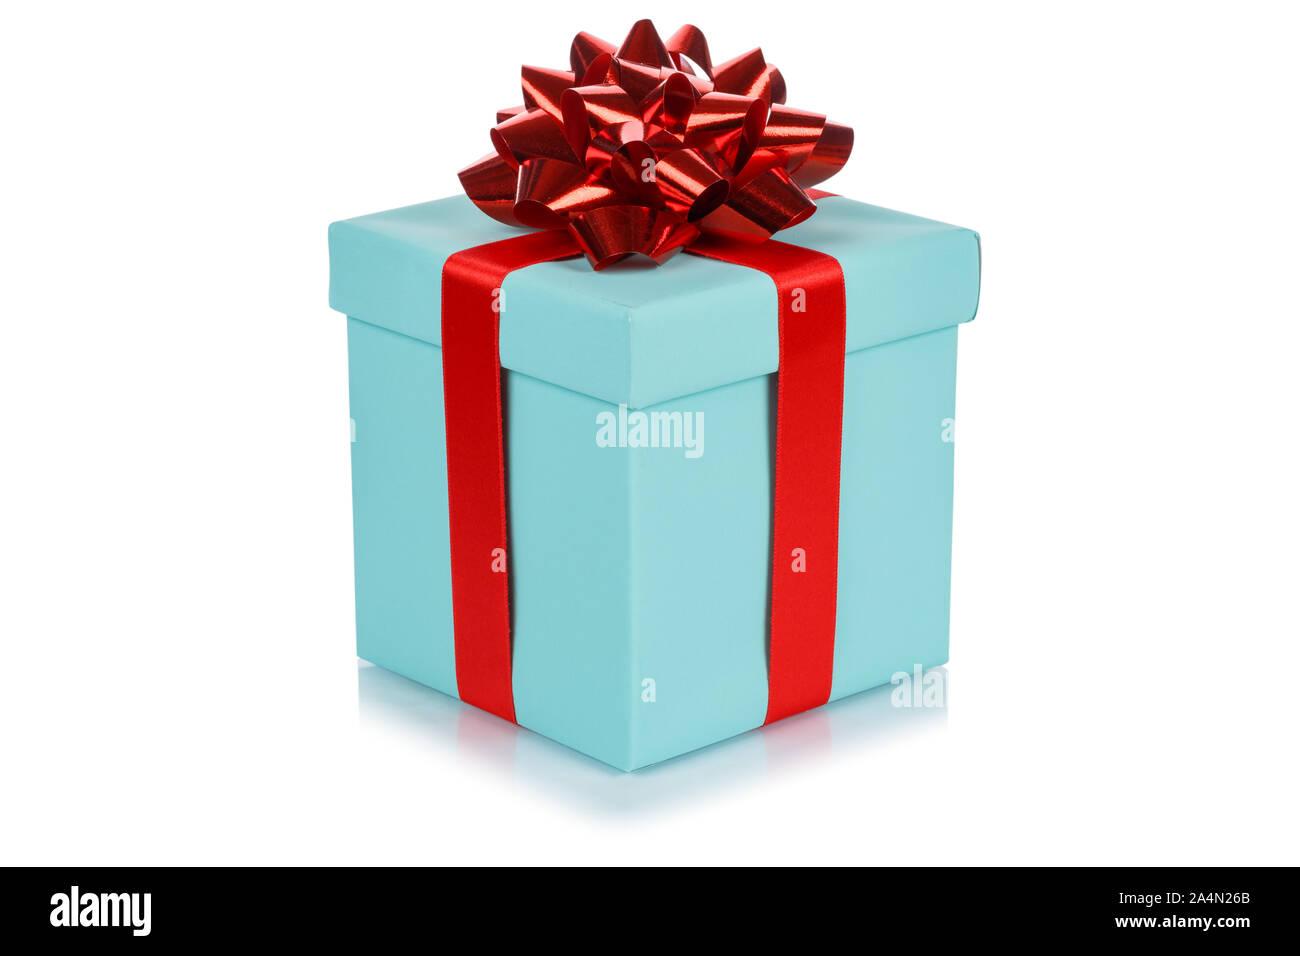 Cadeau anniversaire cadeau de Noël boîte turquoise isolé sur fond blanc Banque D'Images